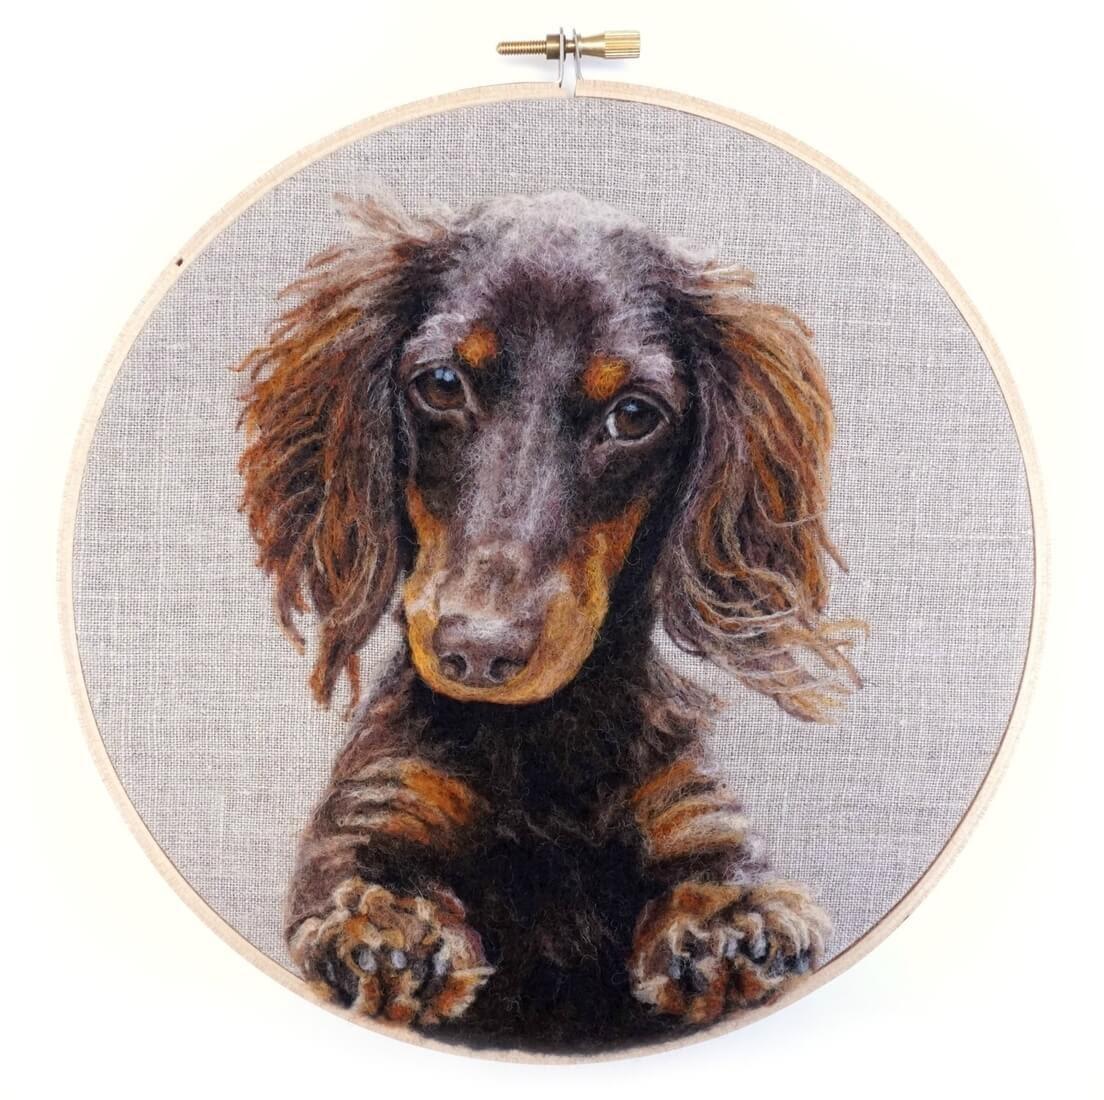 13-Basel-Dani-Ives-Needle-felting-Wool-and-Needle-Animal-Portraits-www-designstack-co